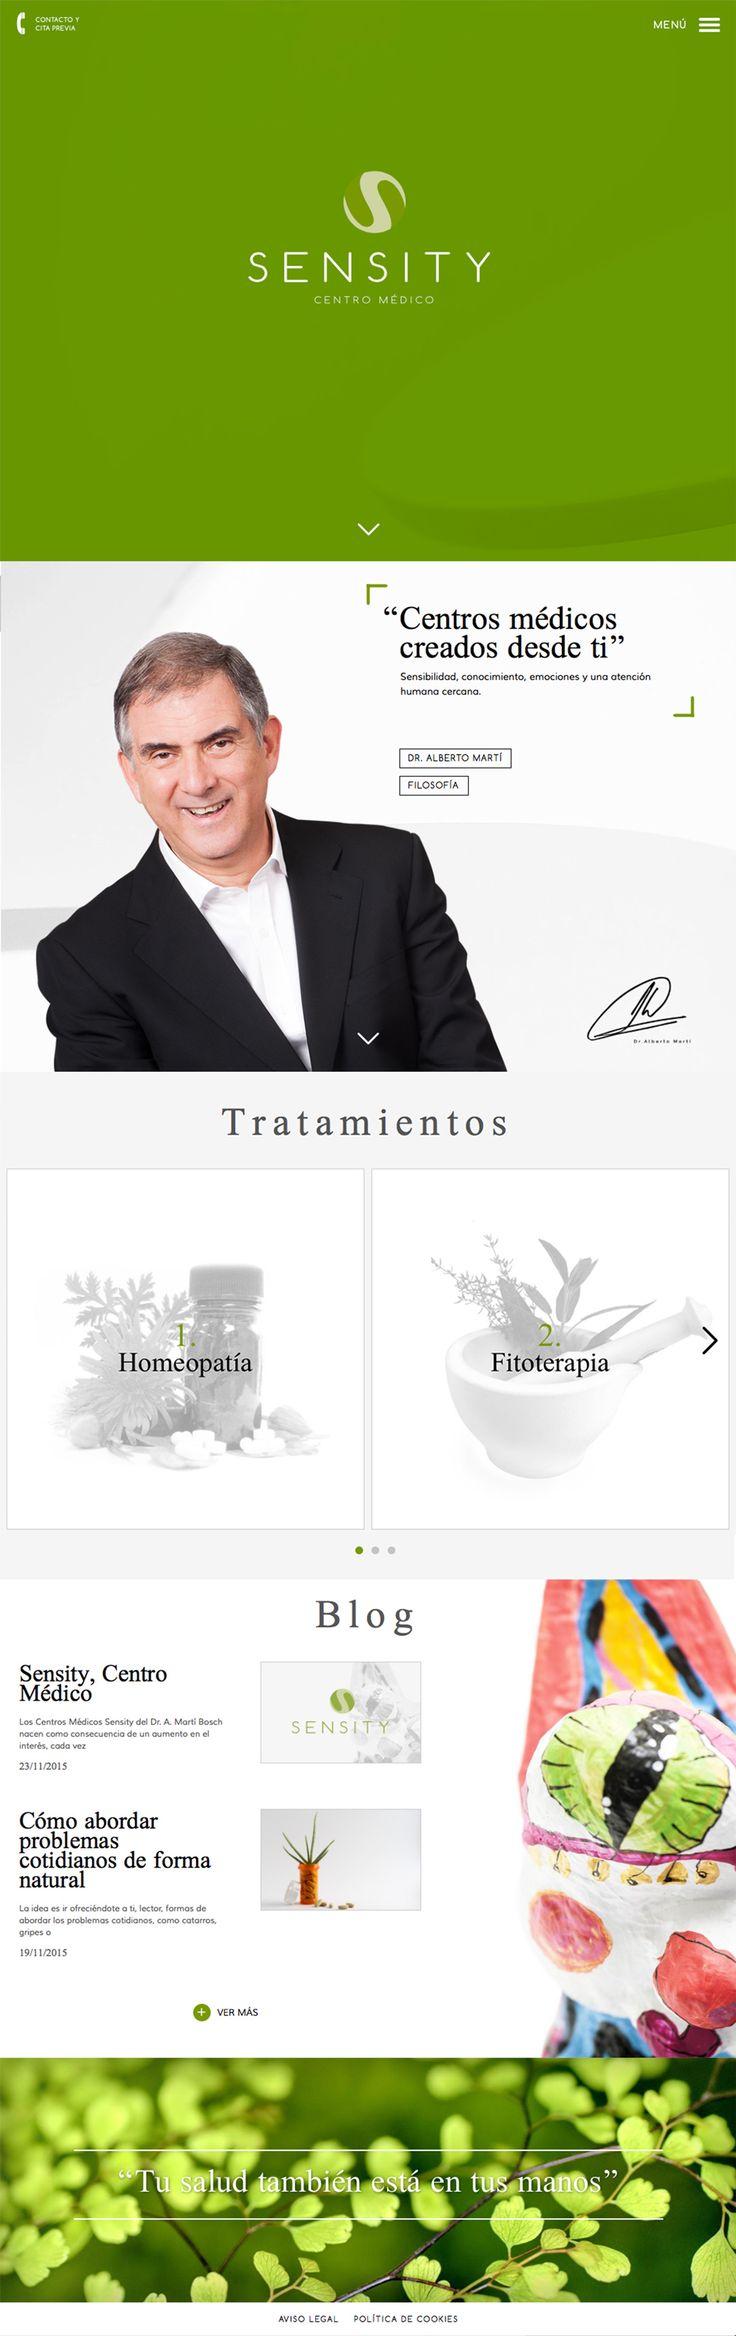 Nueva marca y Web de los Centros Médicos Sensity, creados por uno de los autores más revolucionarios de la medicina actual, el Dr. Alberto Martí.